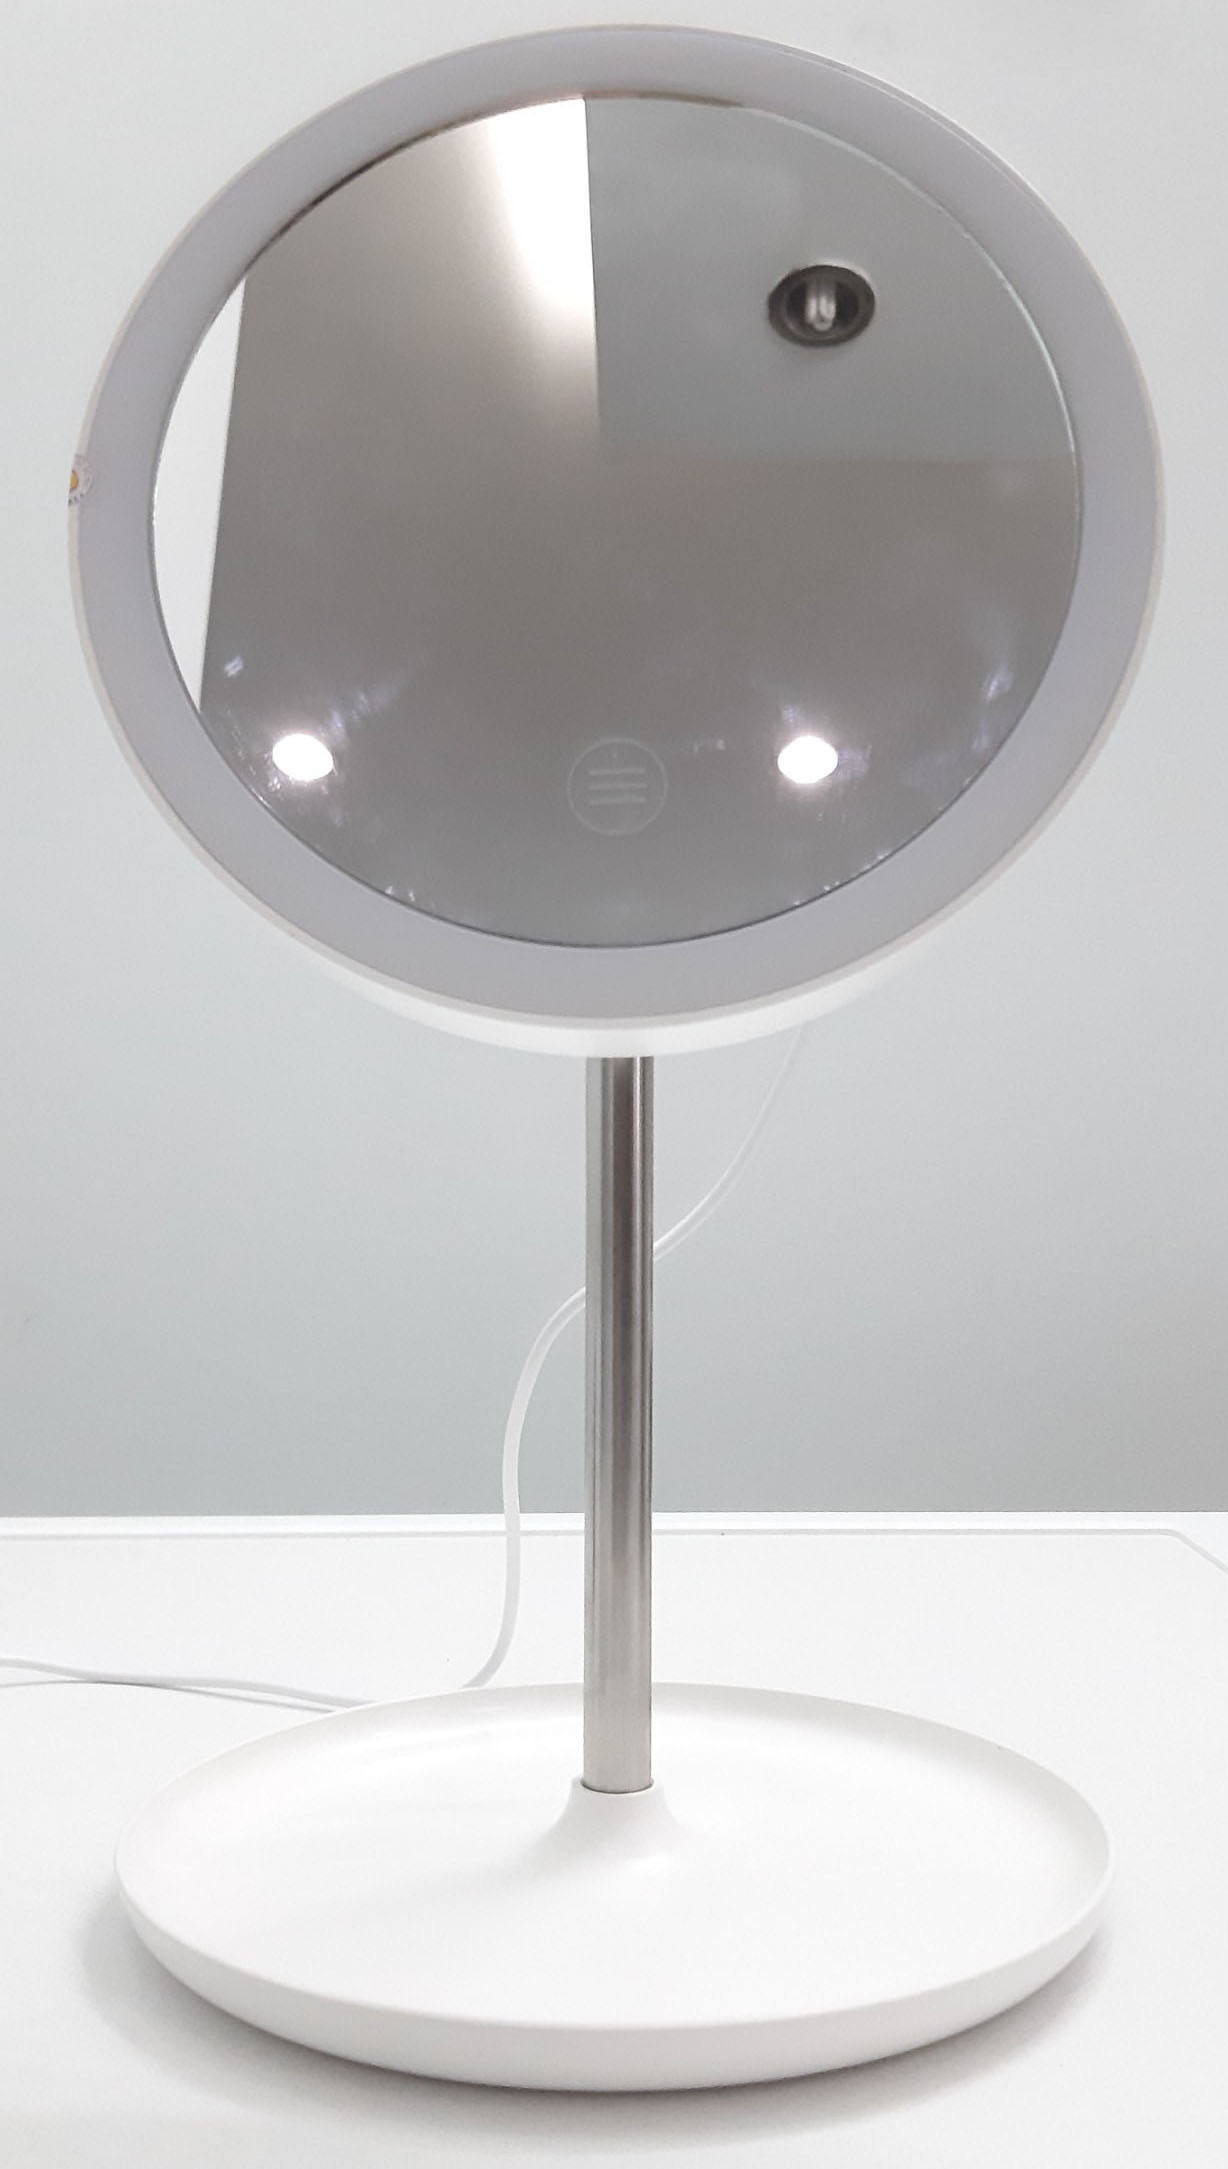 Gương trang điểm led để bàn cao cấp - B0113S 2